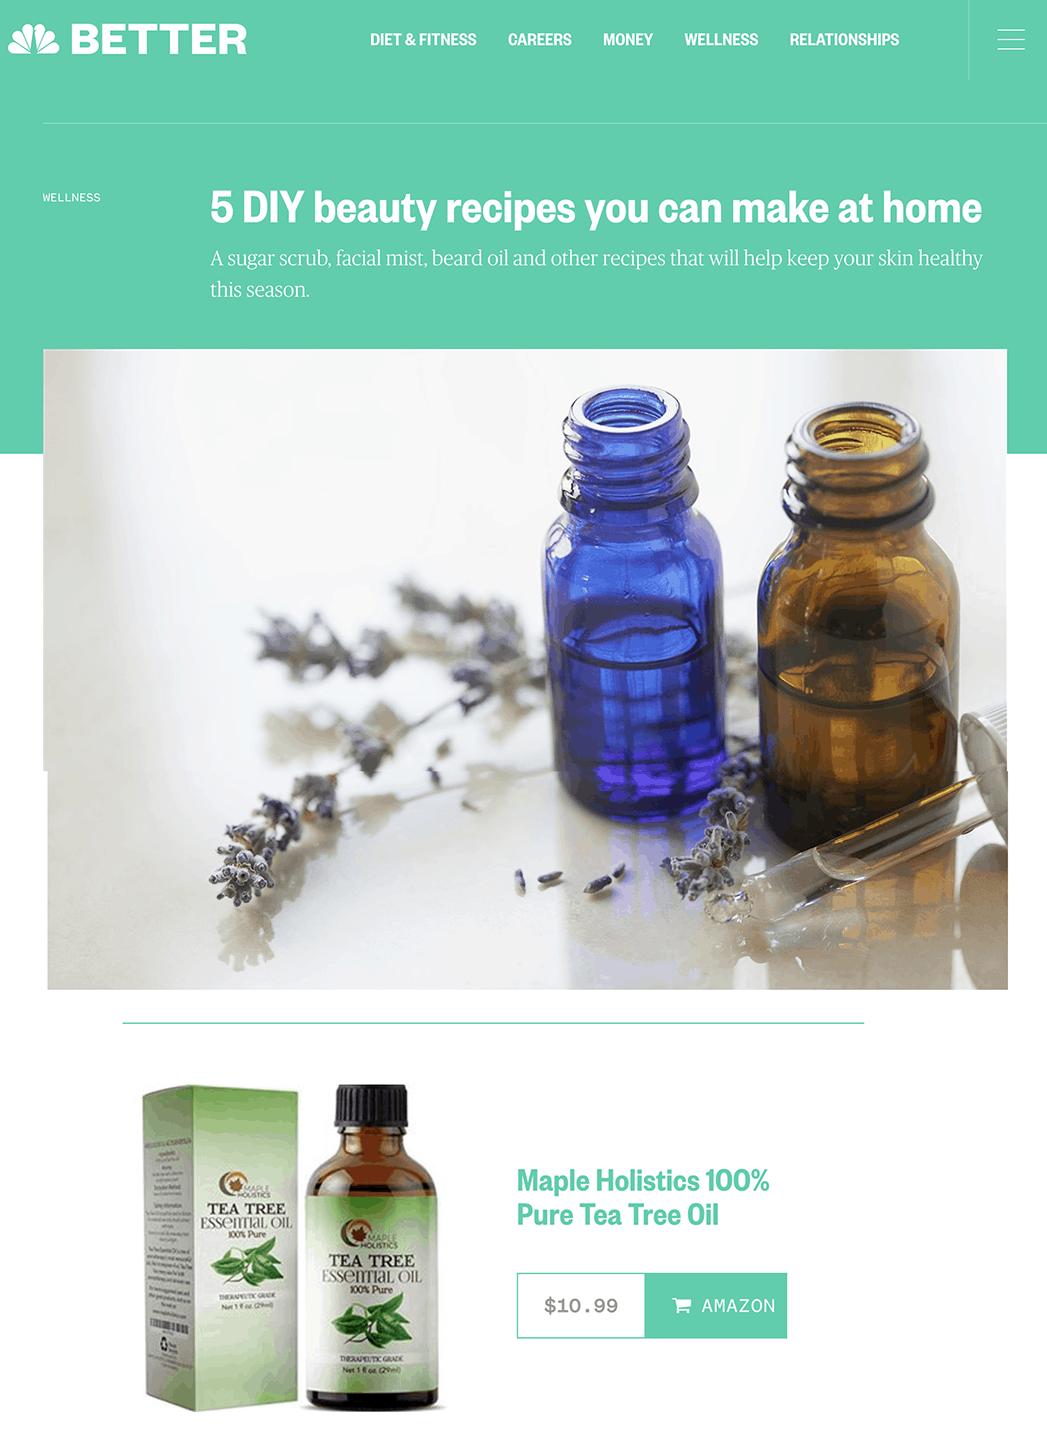 DIY beauty ingredients